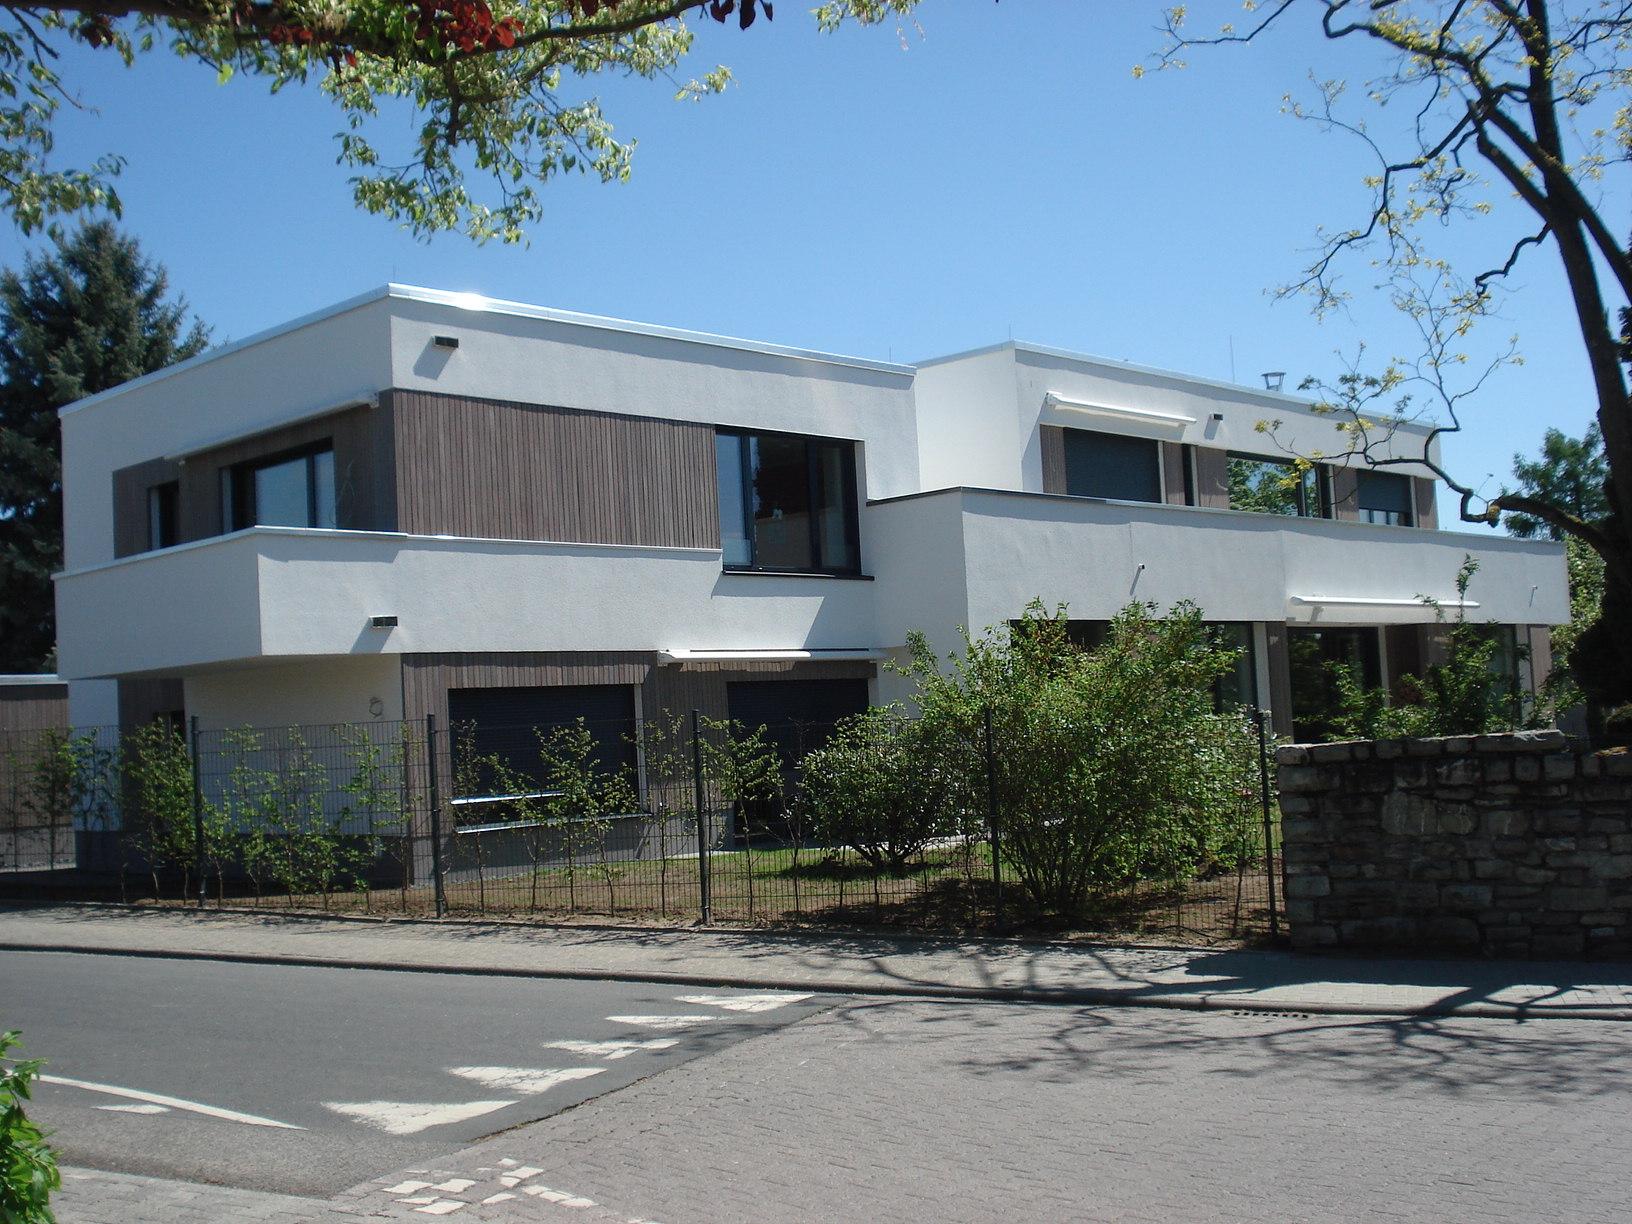 Architekt Bad Homburg architekten bad homburg villa bad homburg kreateam architekten dietmar sch fer bad homburg